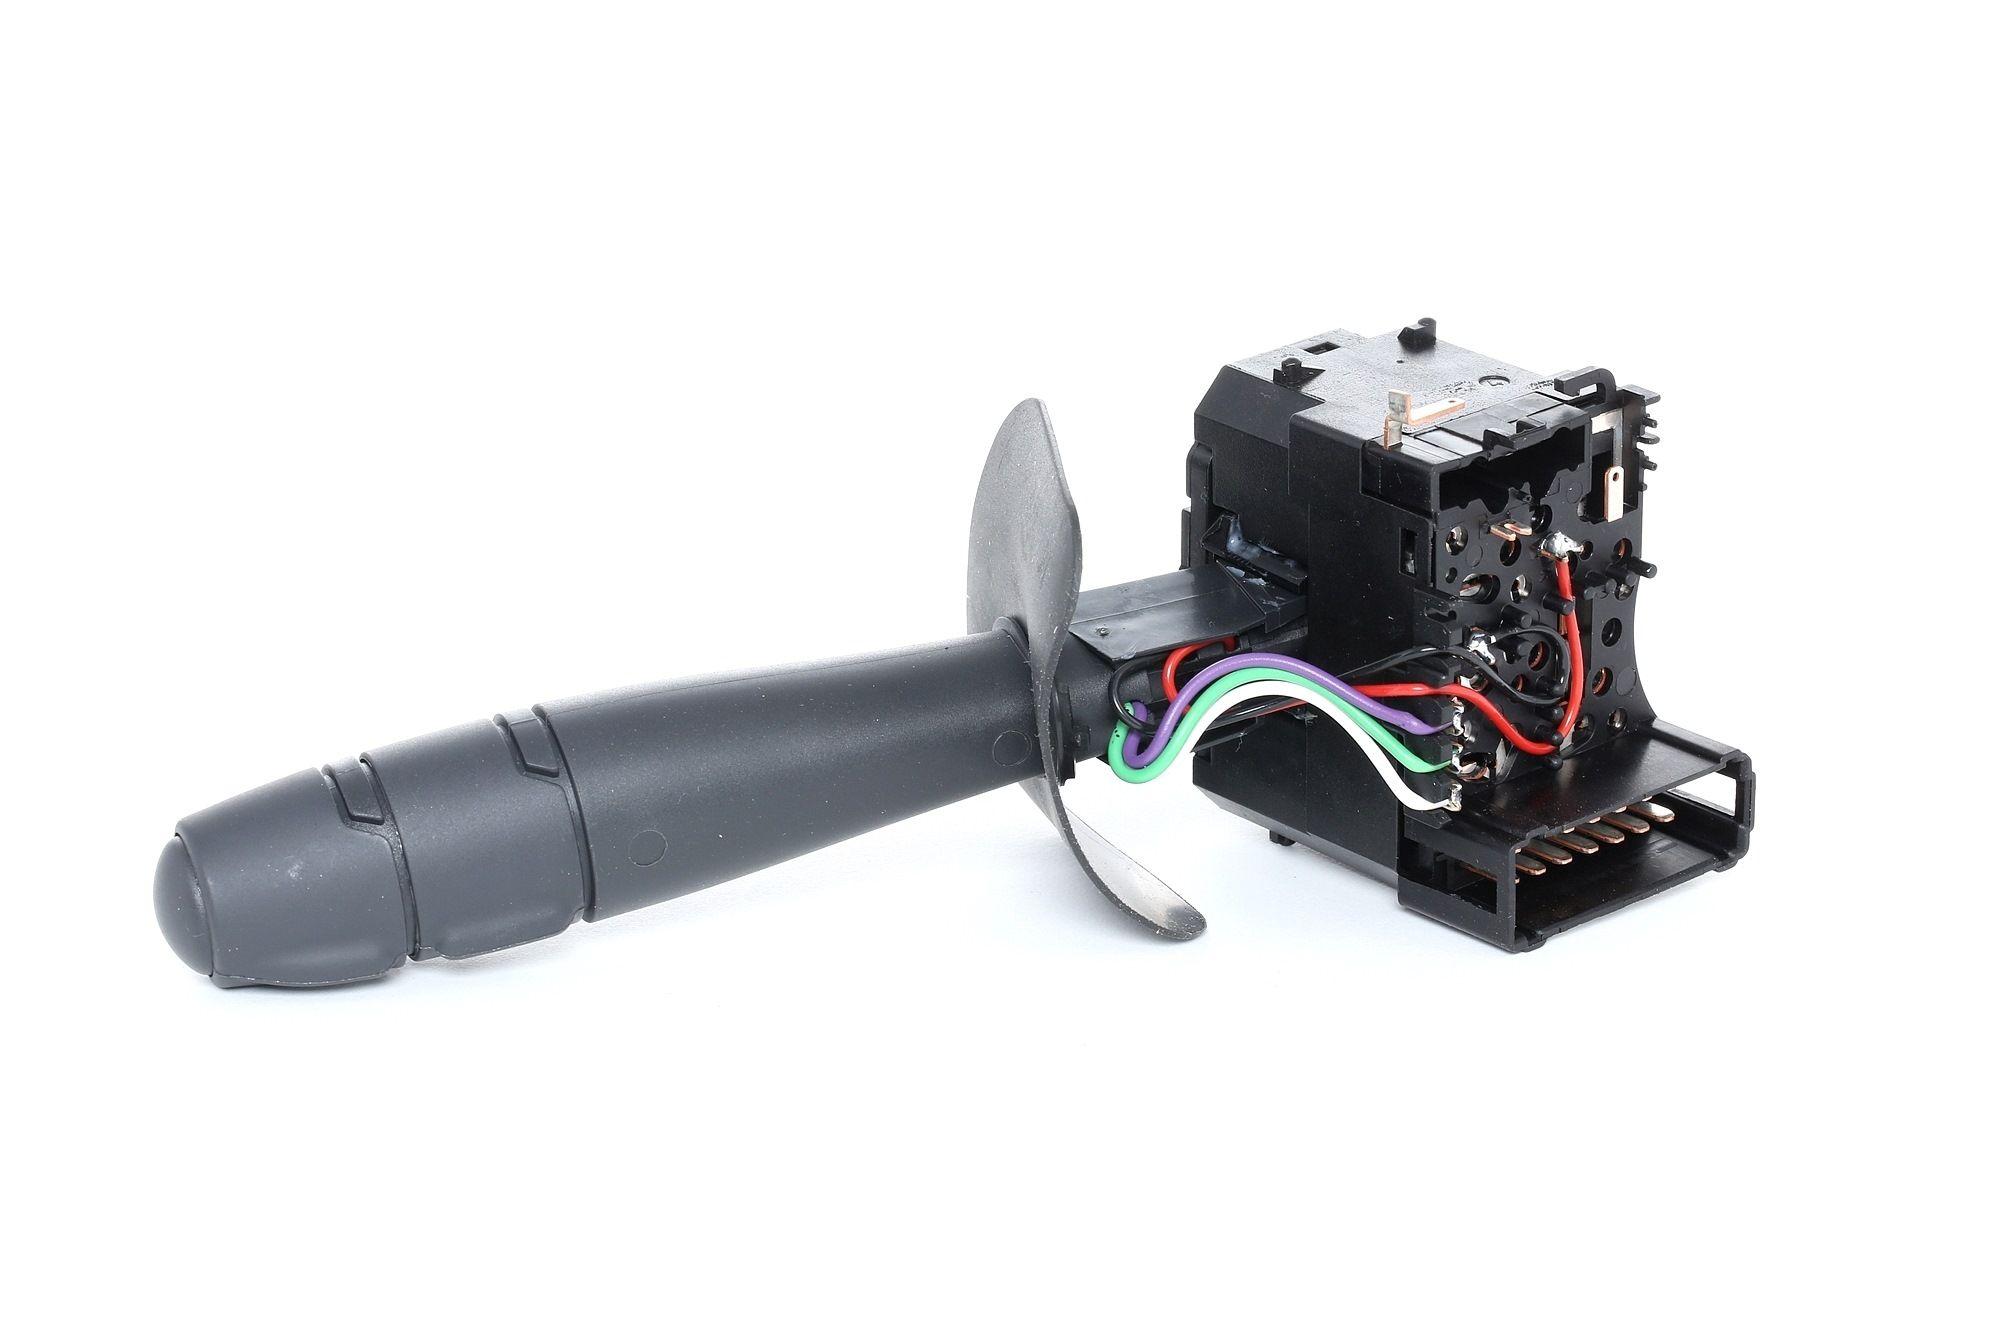 VALEO: Original Scheibenwaschanlage 251604 (mit Blinker-Funktion, mit Hupe, mit Lichtumschalt-Funktion, mit Nebellampenfunktion, mit Nebelschlussleuchte-Funktion)